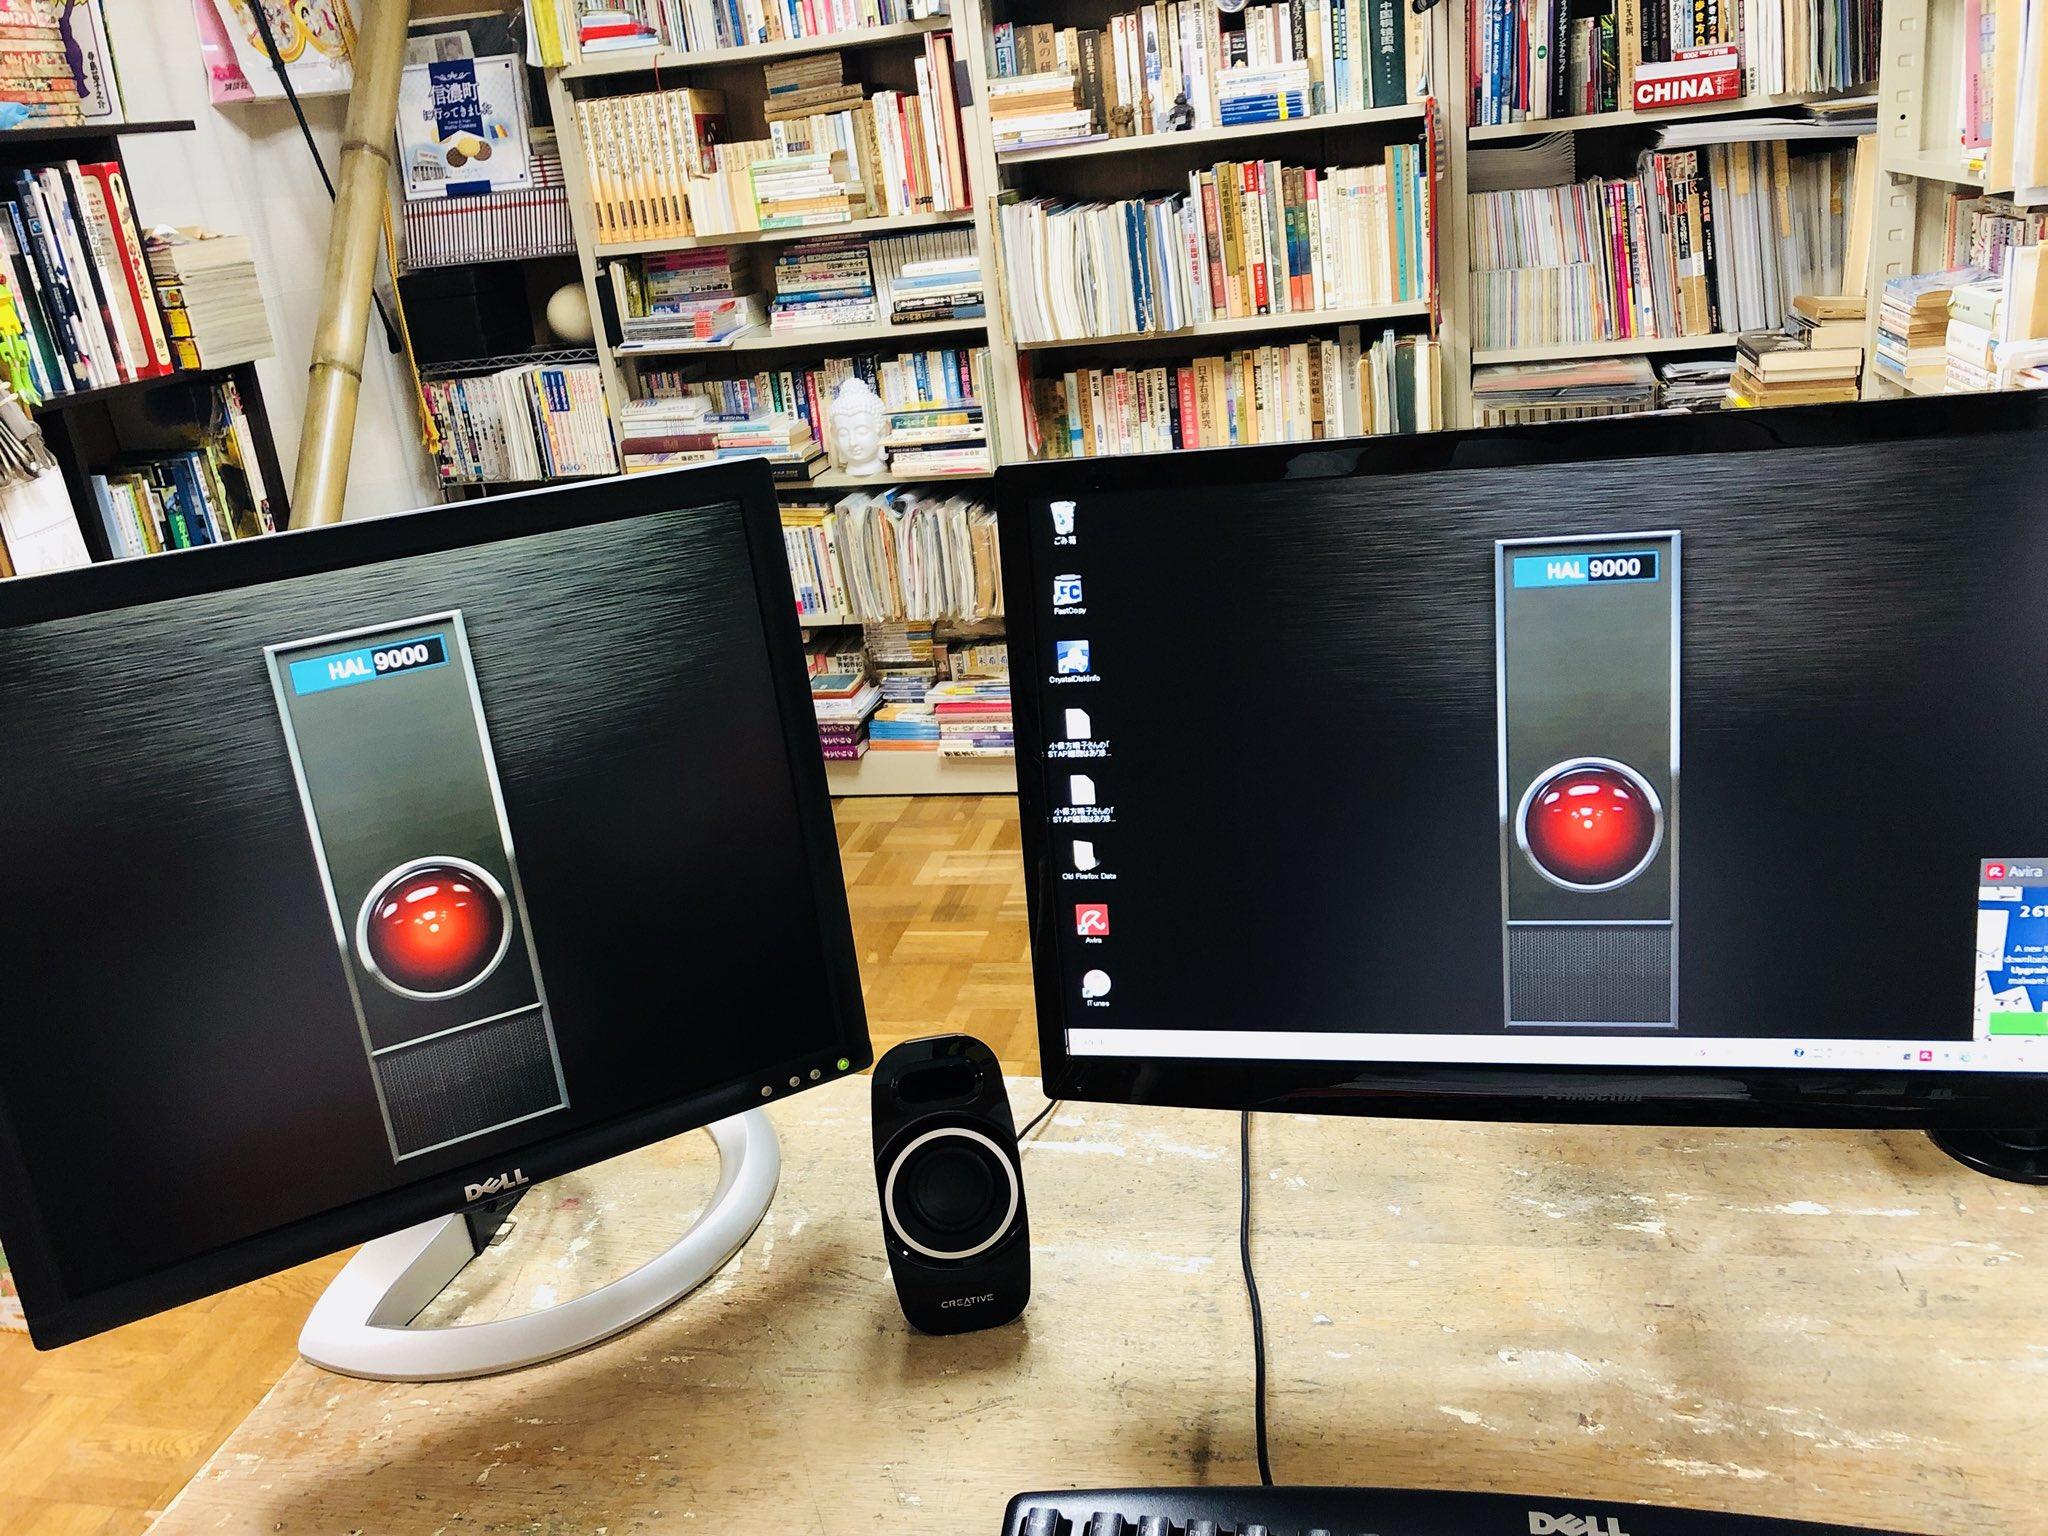 カエルーランド オイラは普段パソコンの壁紙は何も設定せずに真っ黒にしてるんだけどいい感じの壁紙があったので設定してみました